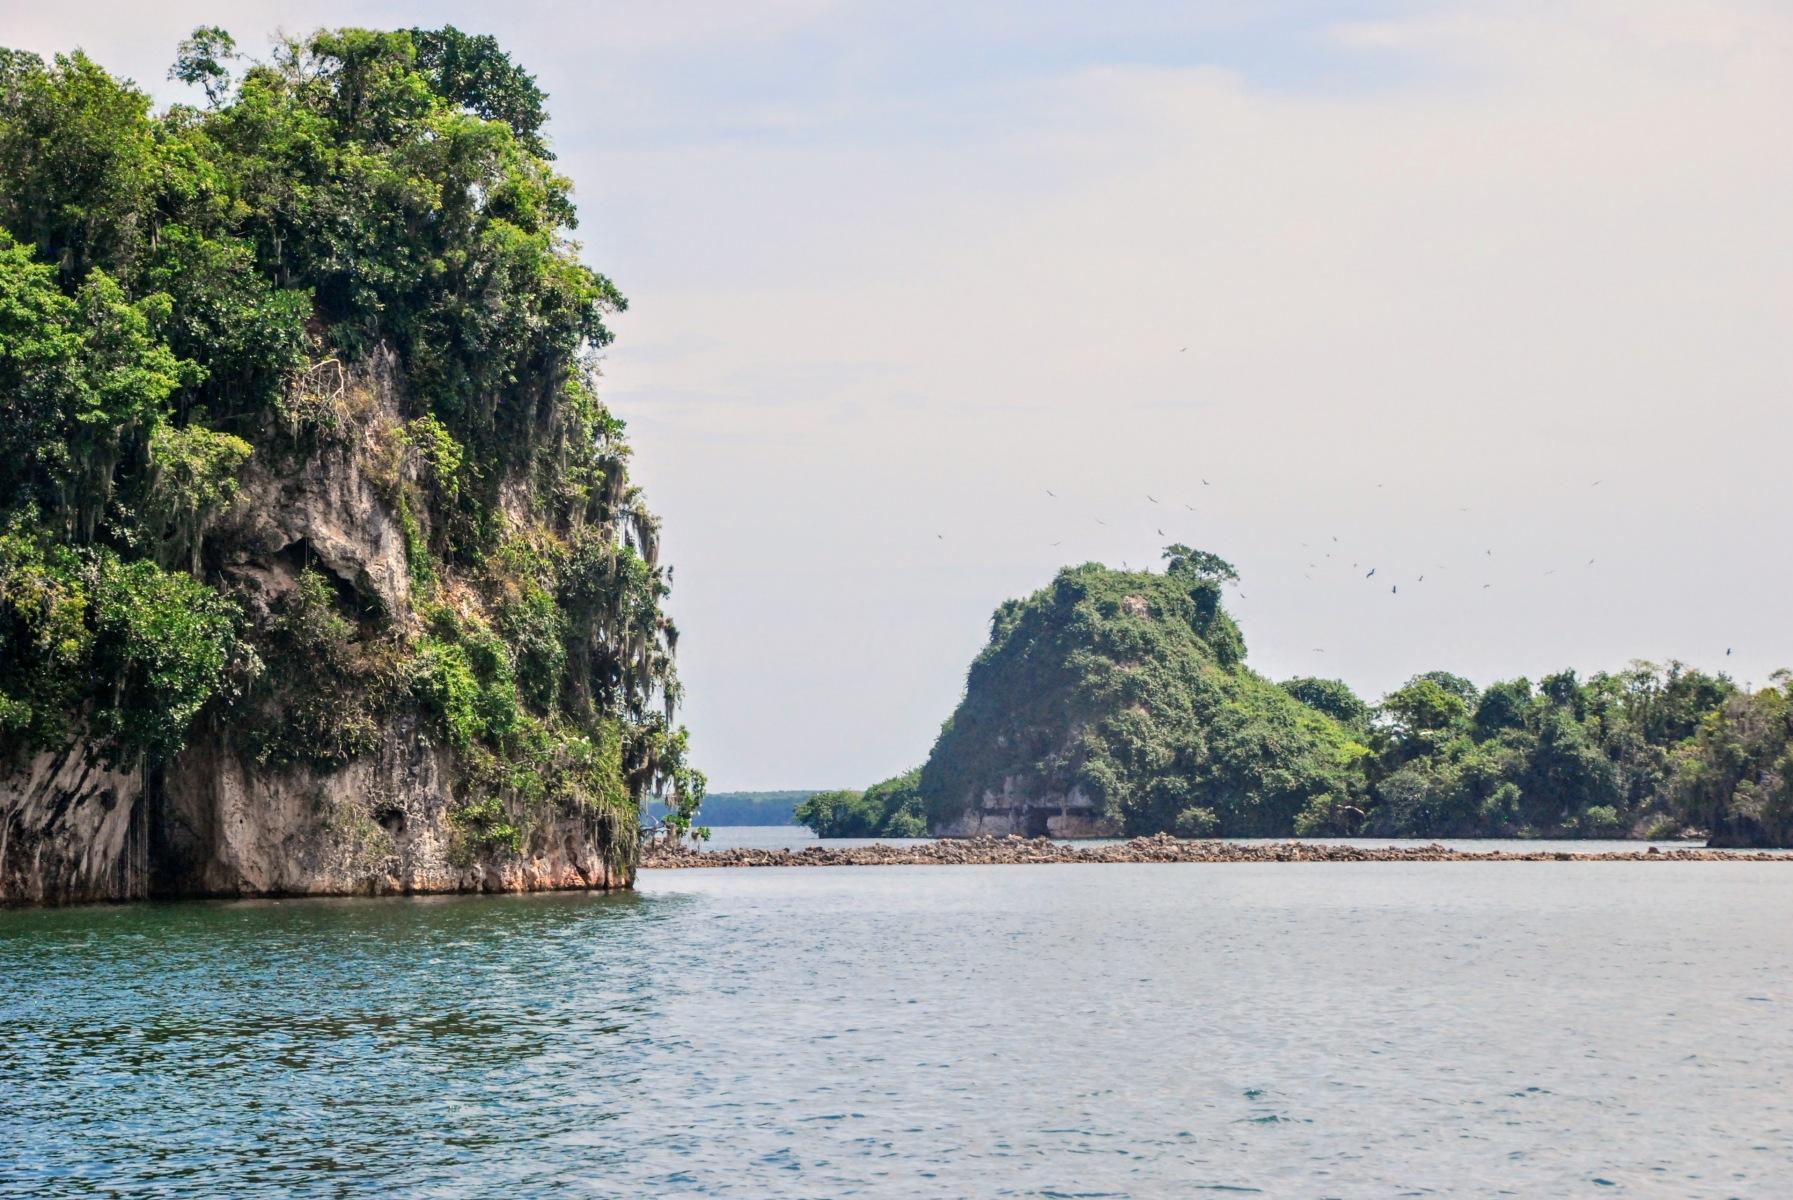 Parque Nacional Los Haitises